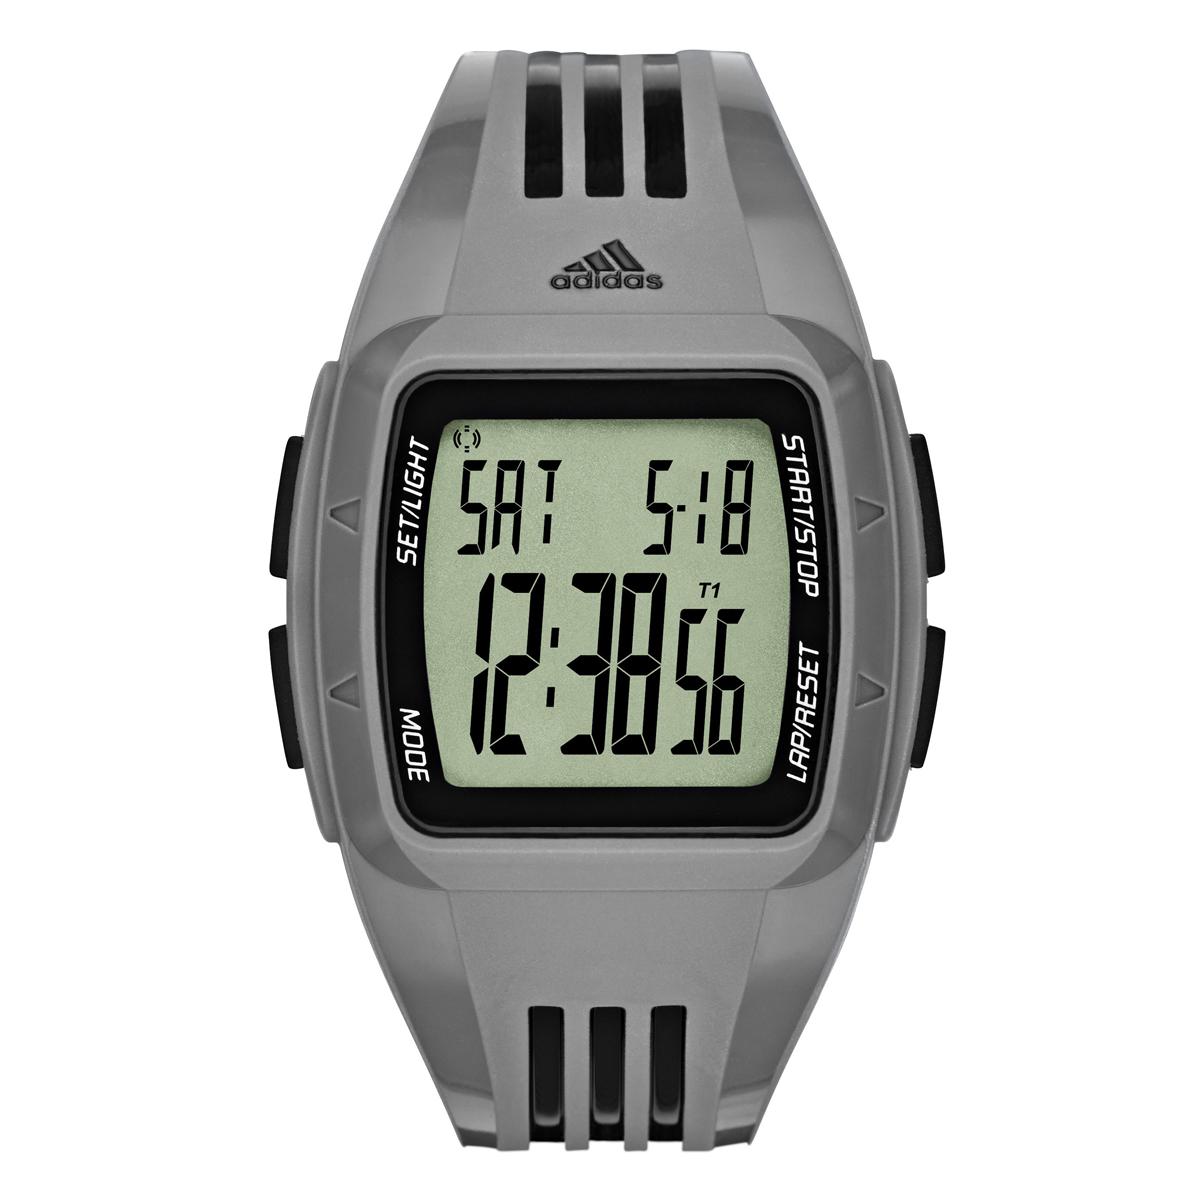 นาฬิกาผู้ชาย Adidas รุ่น ADP3173